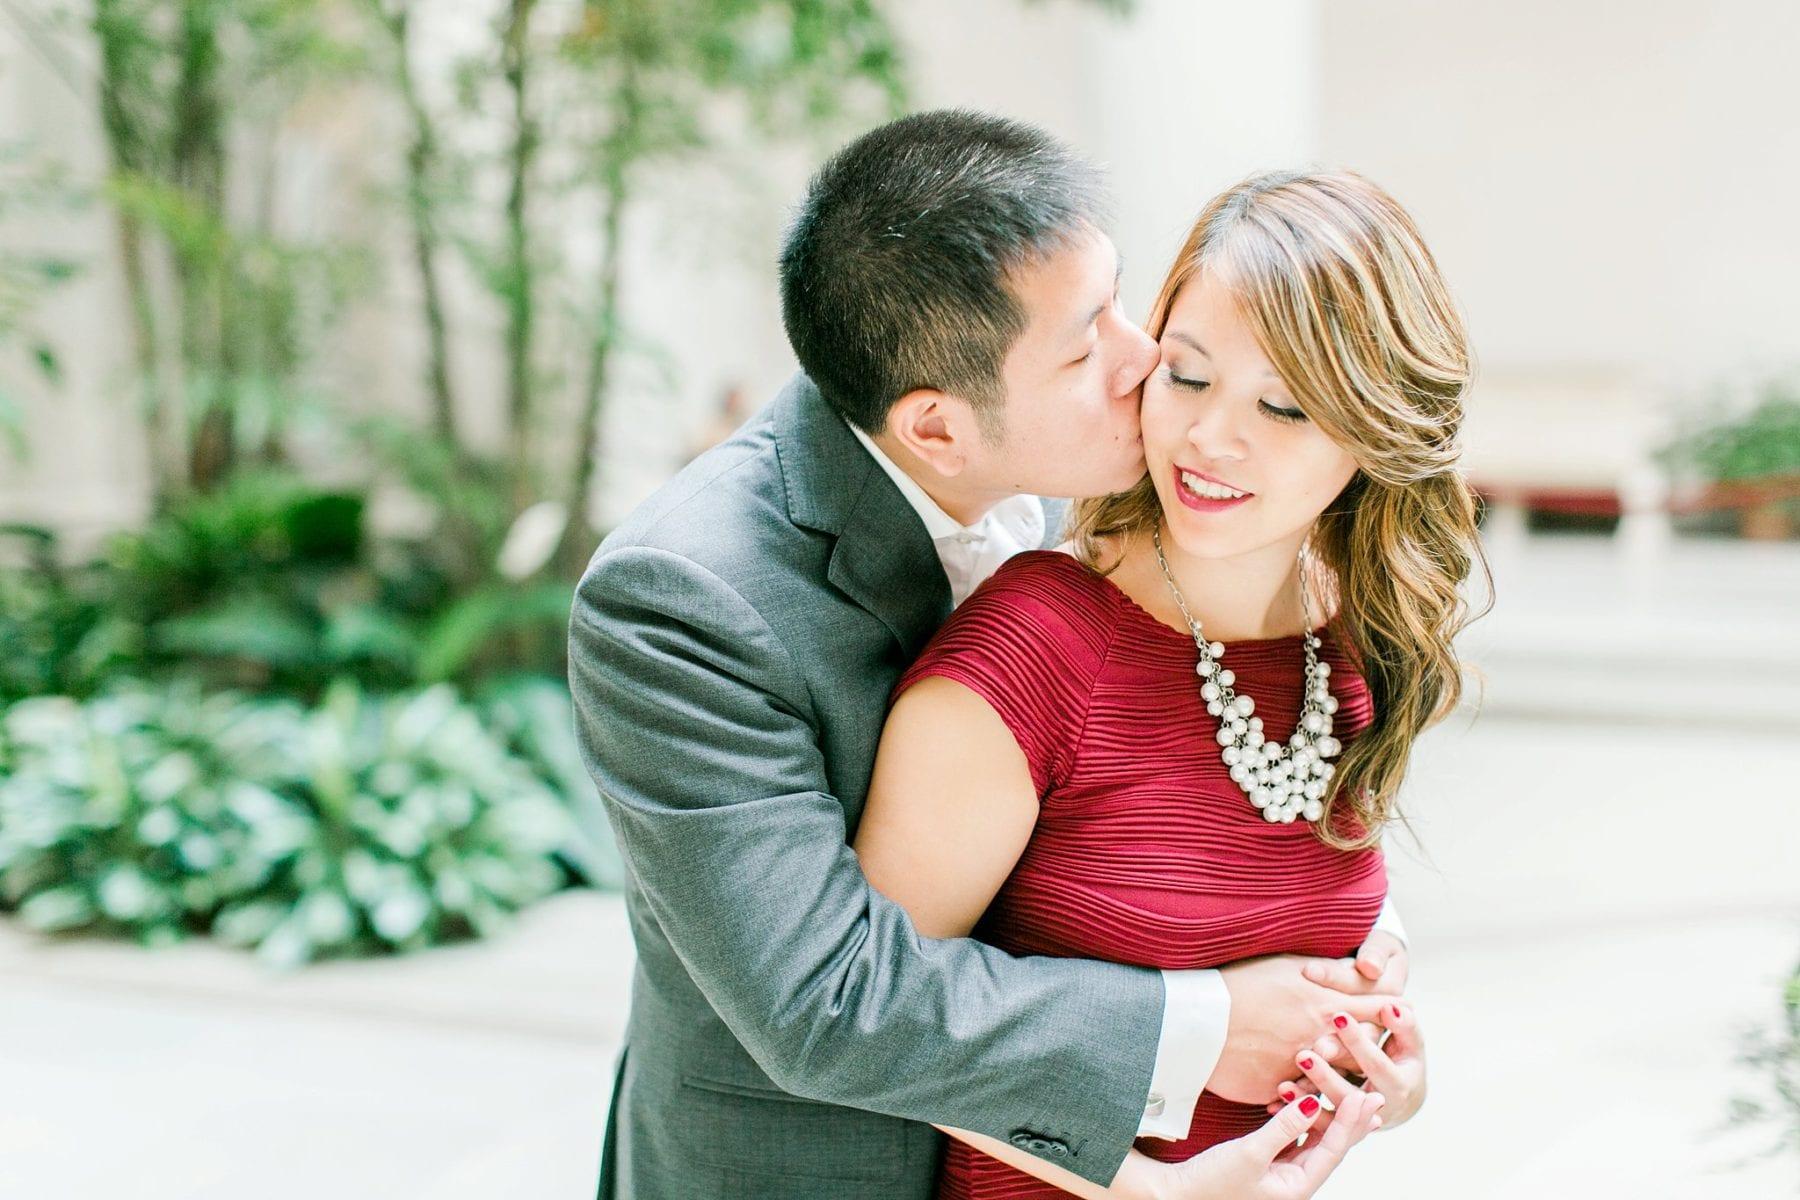 National Gallery of Art Engagement Photos Megan Kelsey Photography Washington DC Wedding Photographer Sy-yu & Anthony-129.jpg